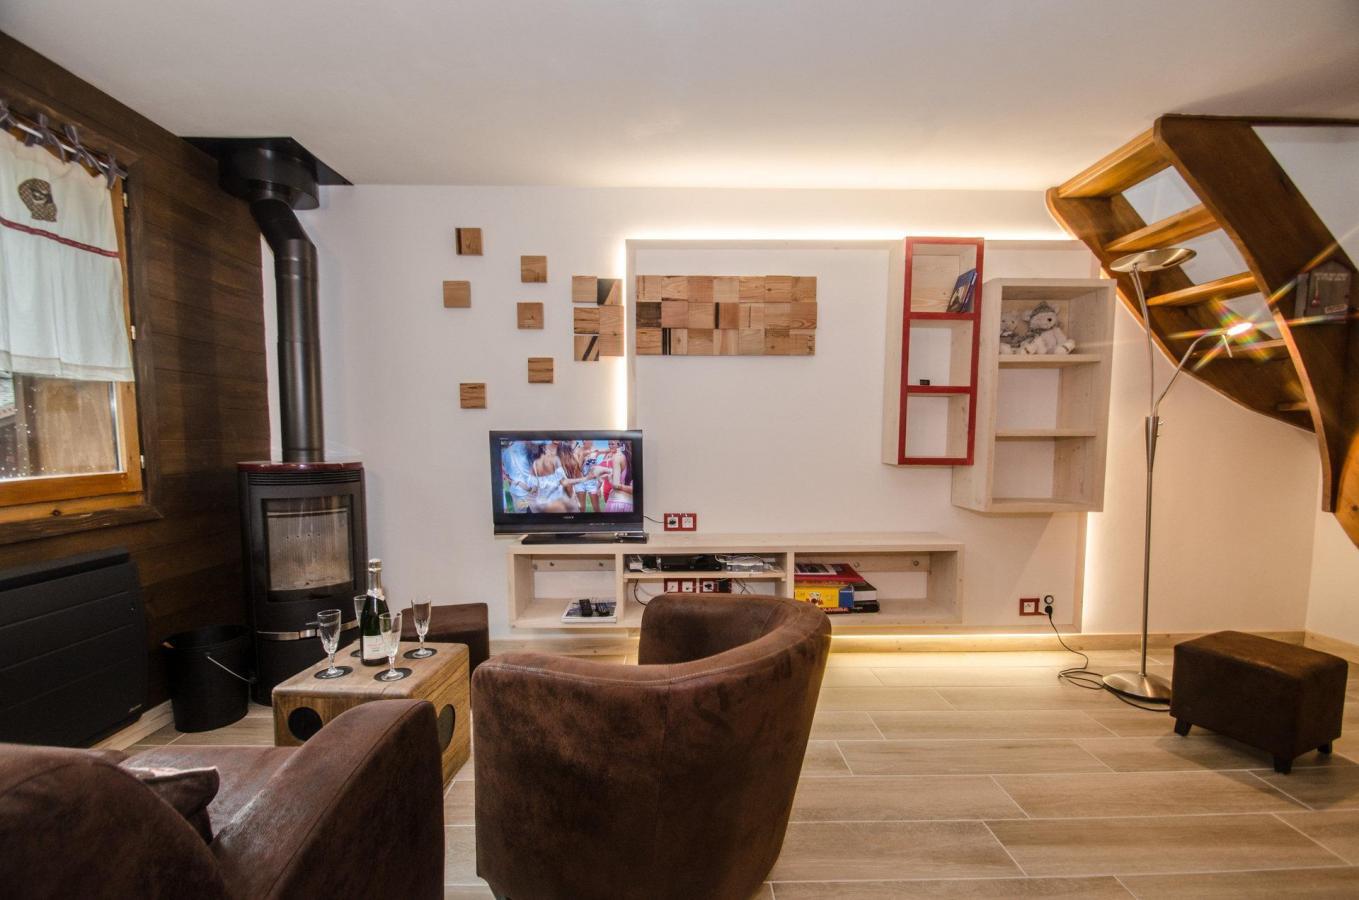 Location au ski Appartement 3 pièces 6 personnes (GOLF ) - Chalet Le Col Du Dome - Chamonix - Lit simple